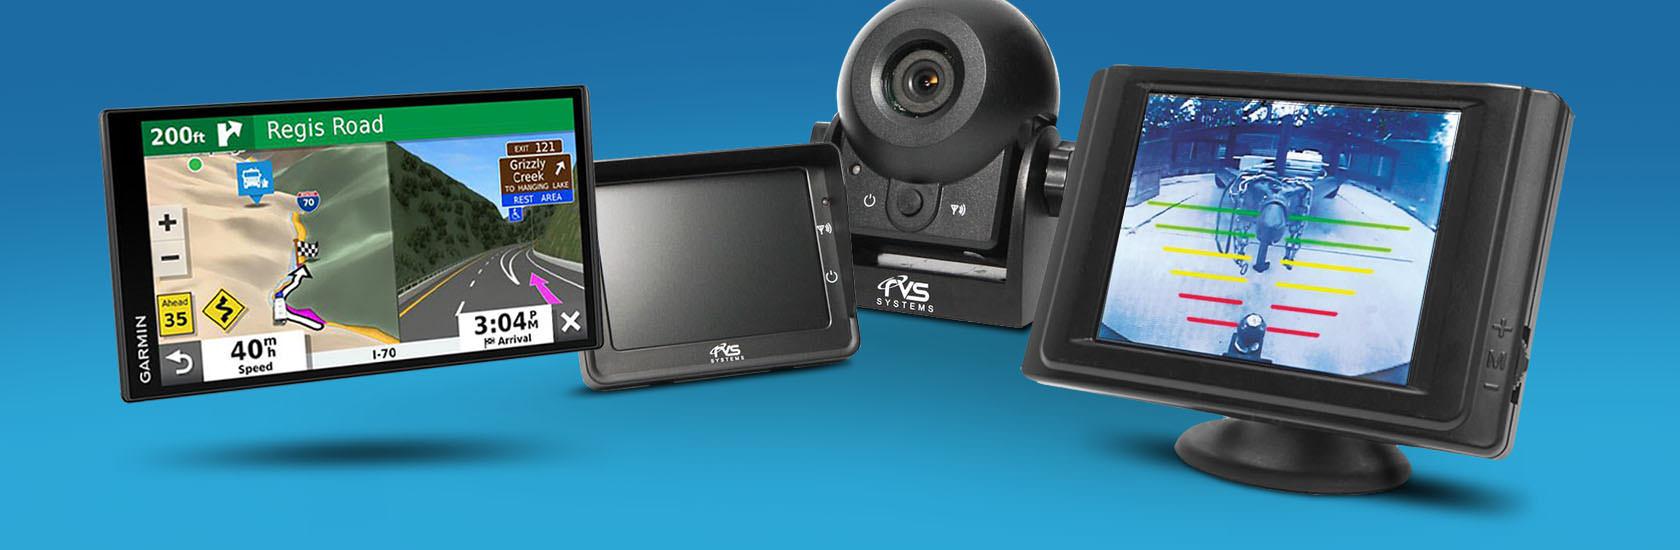 GPS & Backup Systems Starting at $150!